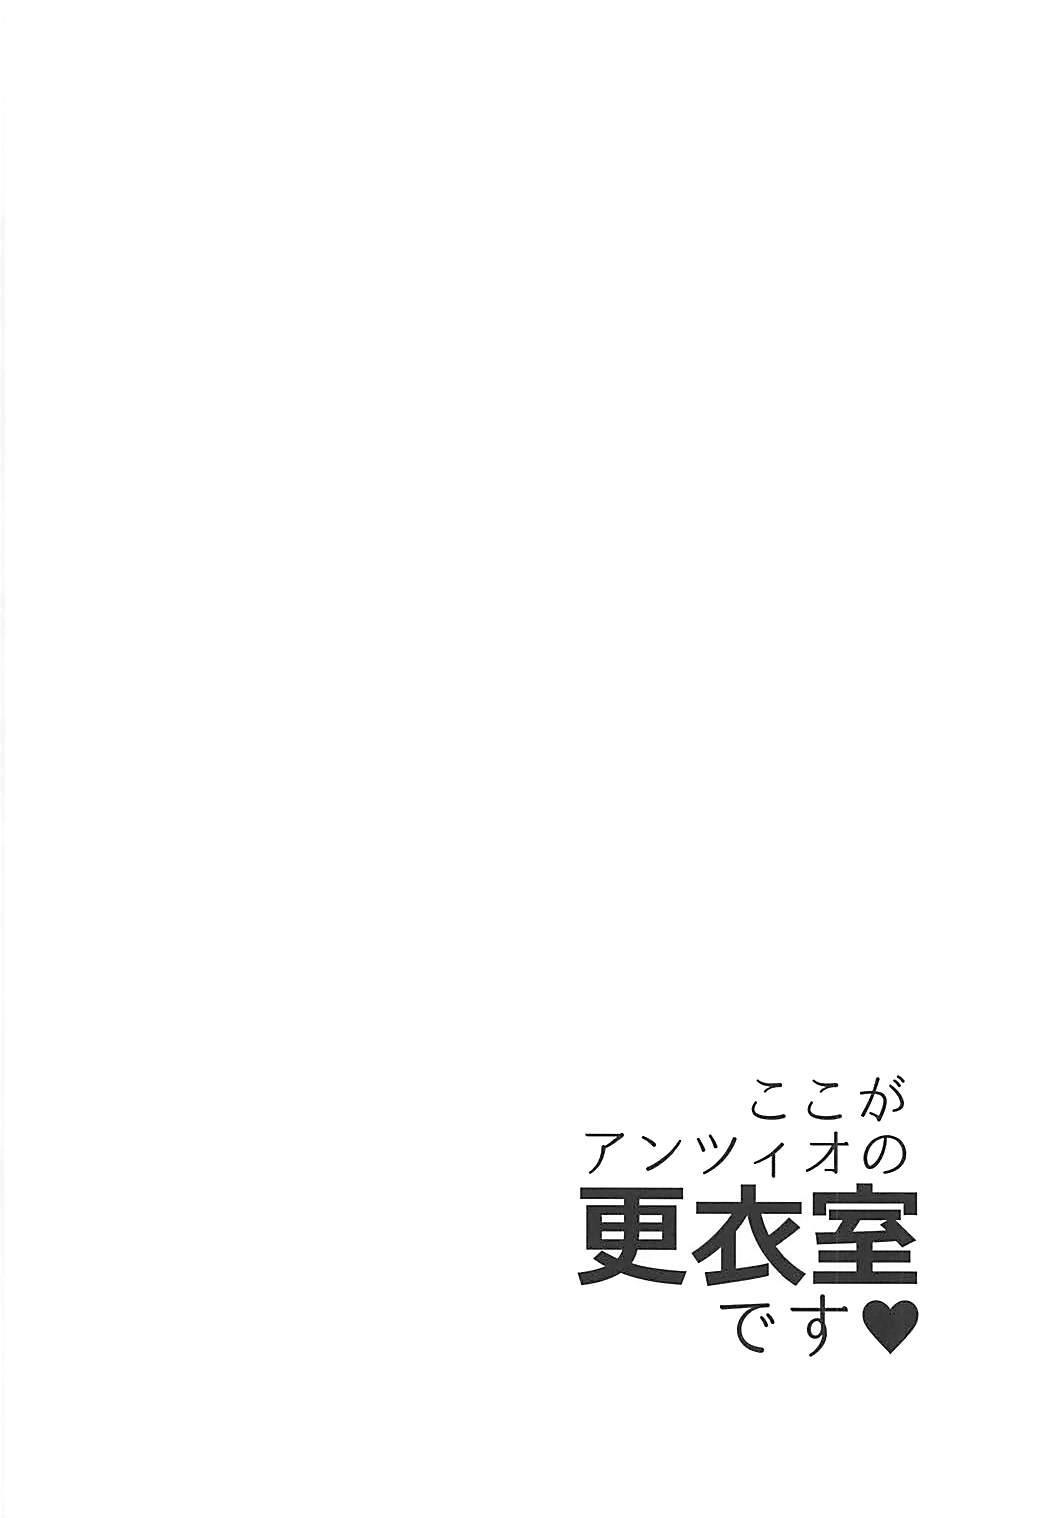 Koko ga Anzio no Kouishitsu desu 2